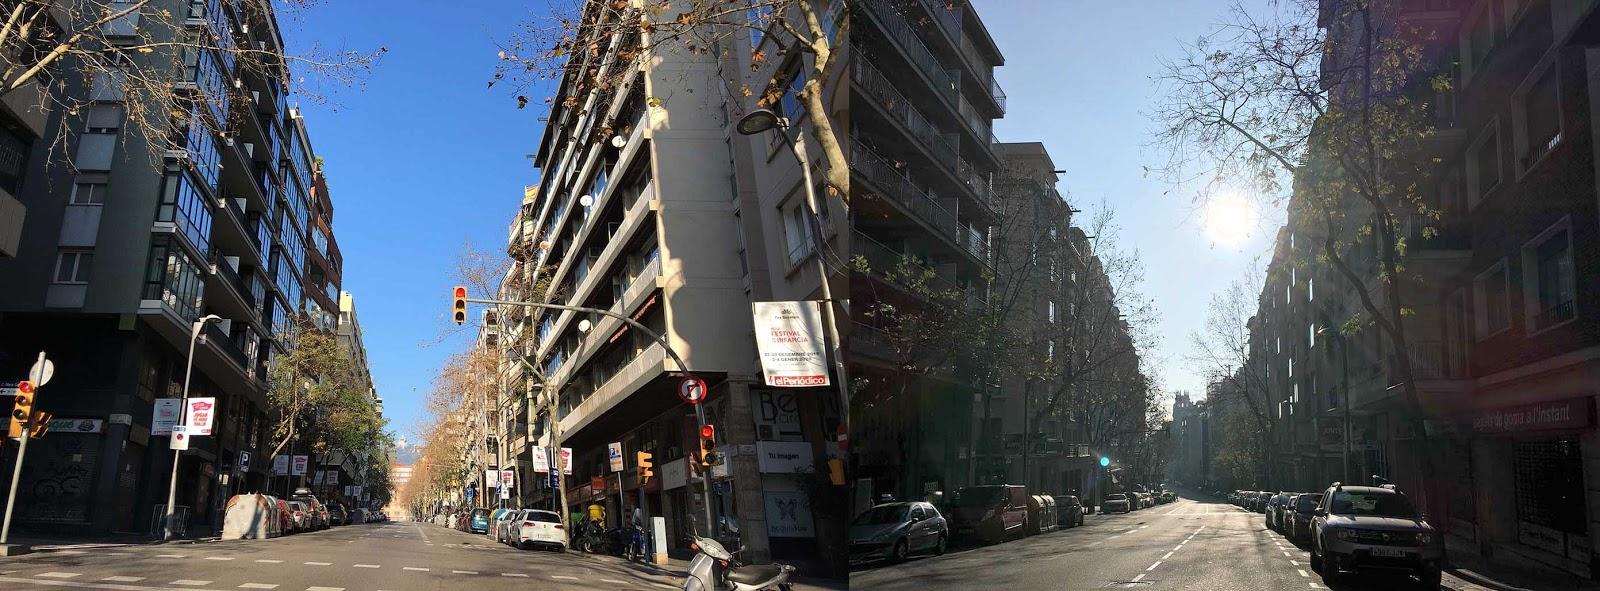 Calle Aribau (Barcelona), 1 de enero de 2020